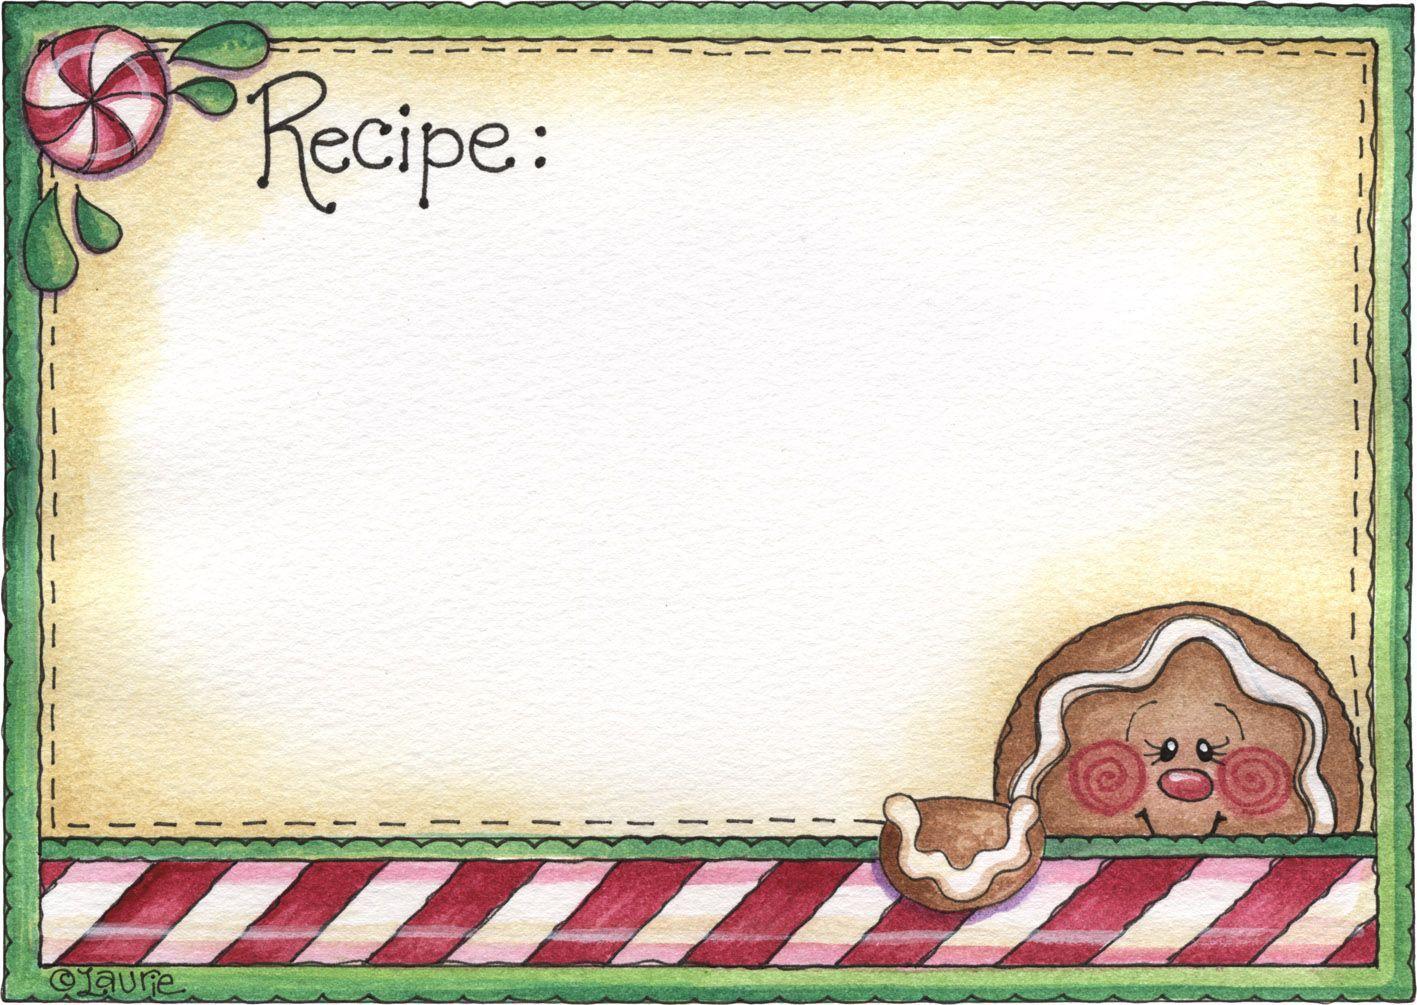 how to make a homemade recipe card box